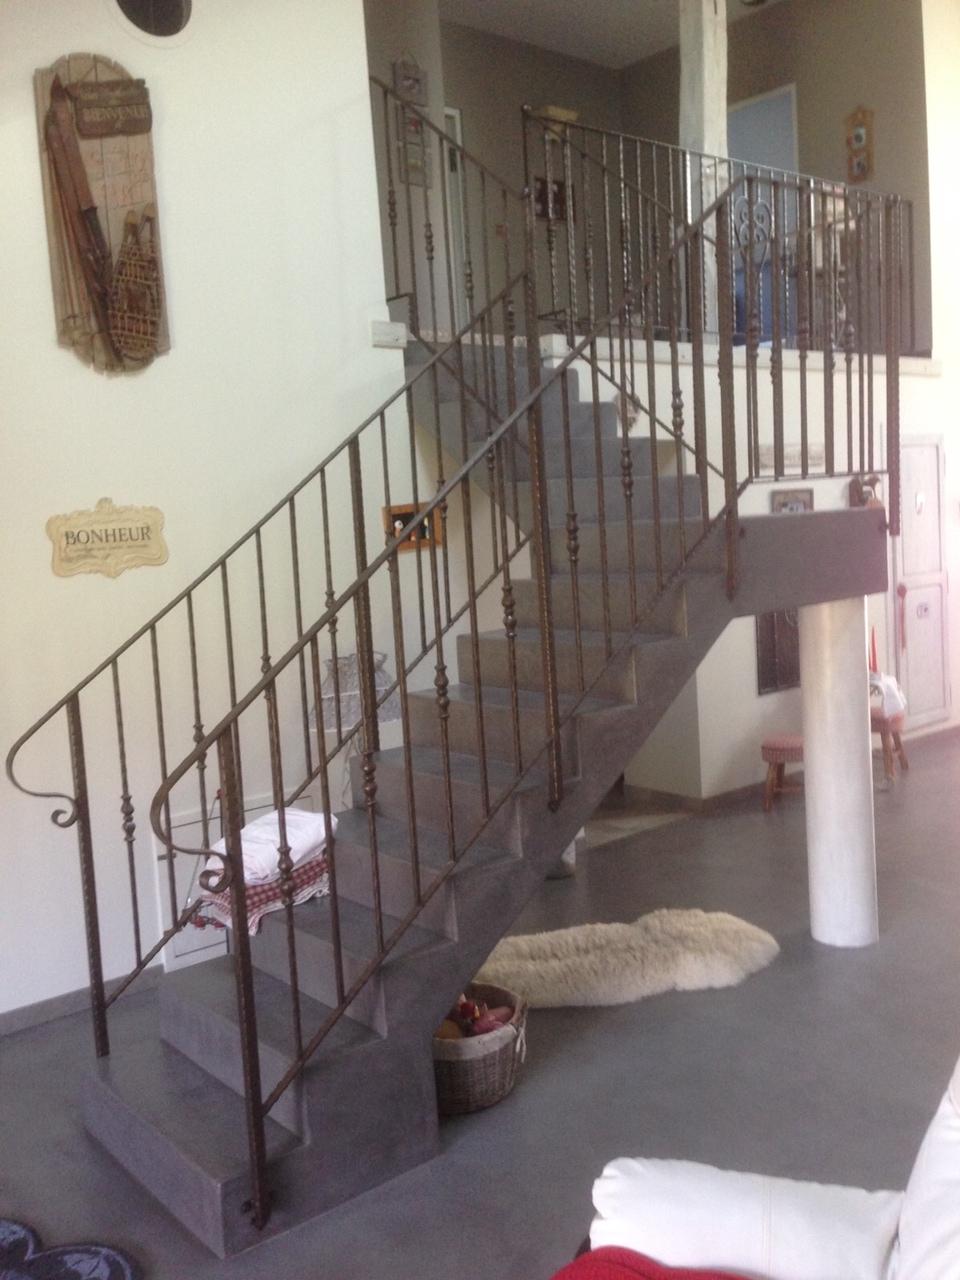 Conception et Fabrication par un de nos clients d'une rampe d'escalier intérieur et son garde corps assorti en fer forgé, cette très belle réalisation à ete concue à partir de notre gamme de pièces détachées . Localisation Haute Saone